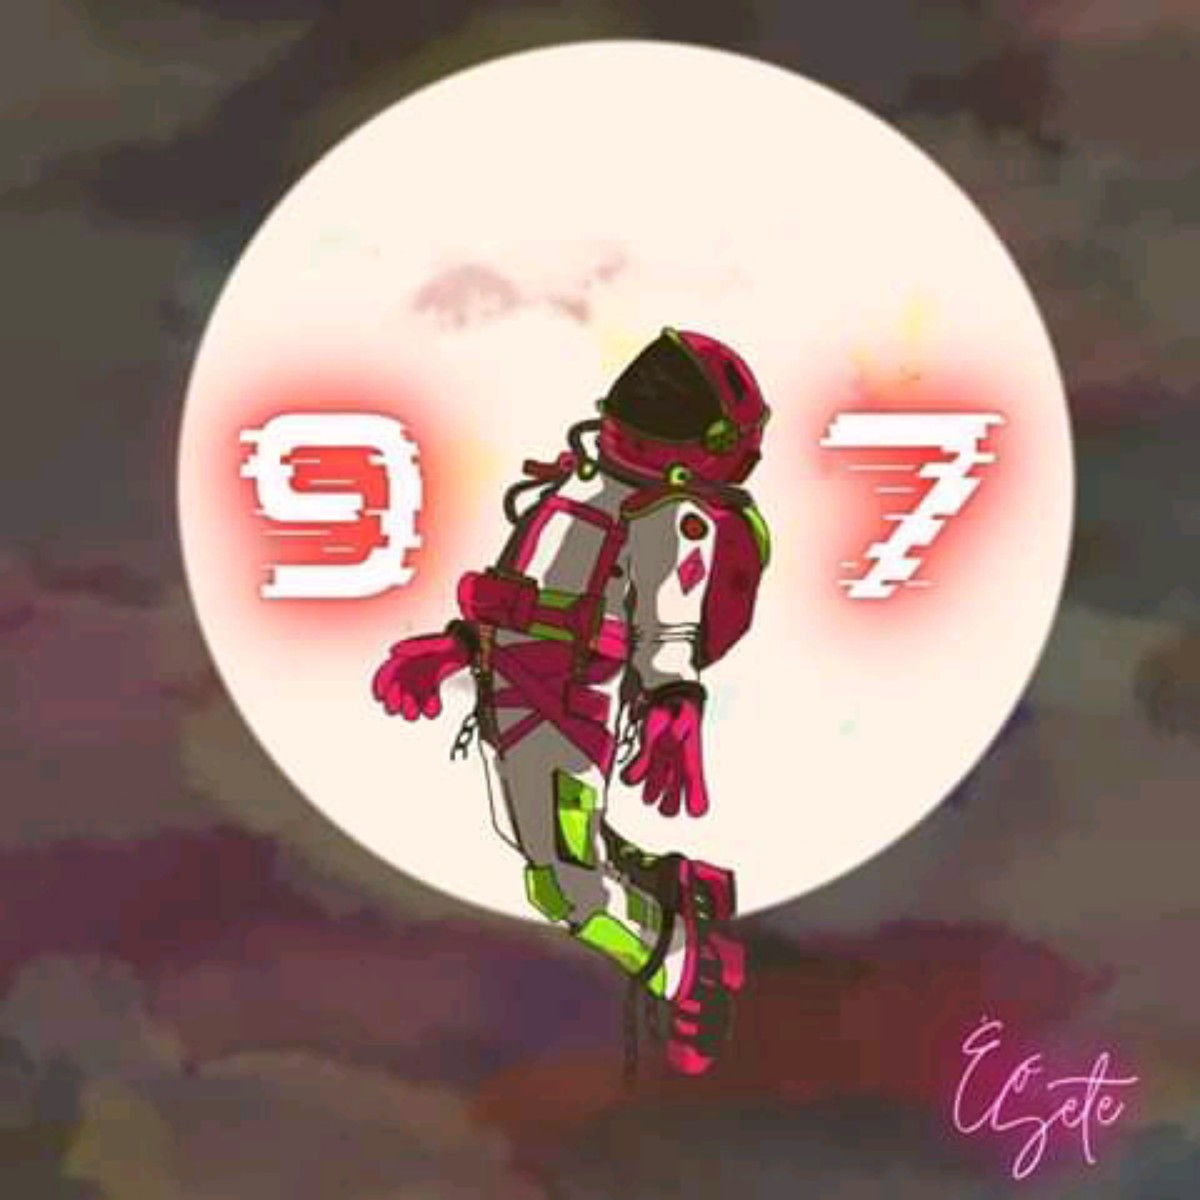 Kiba The Seven - 97 (EP)